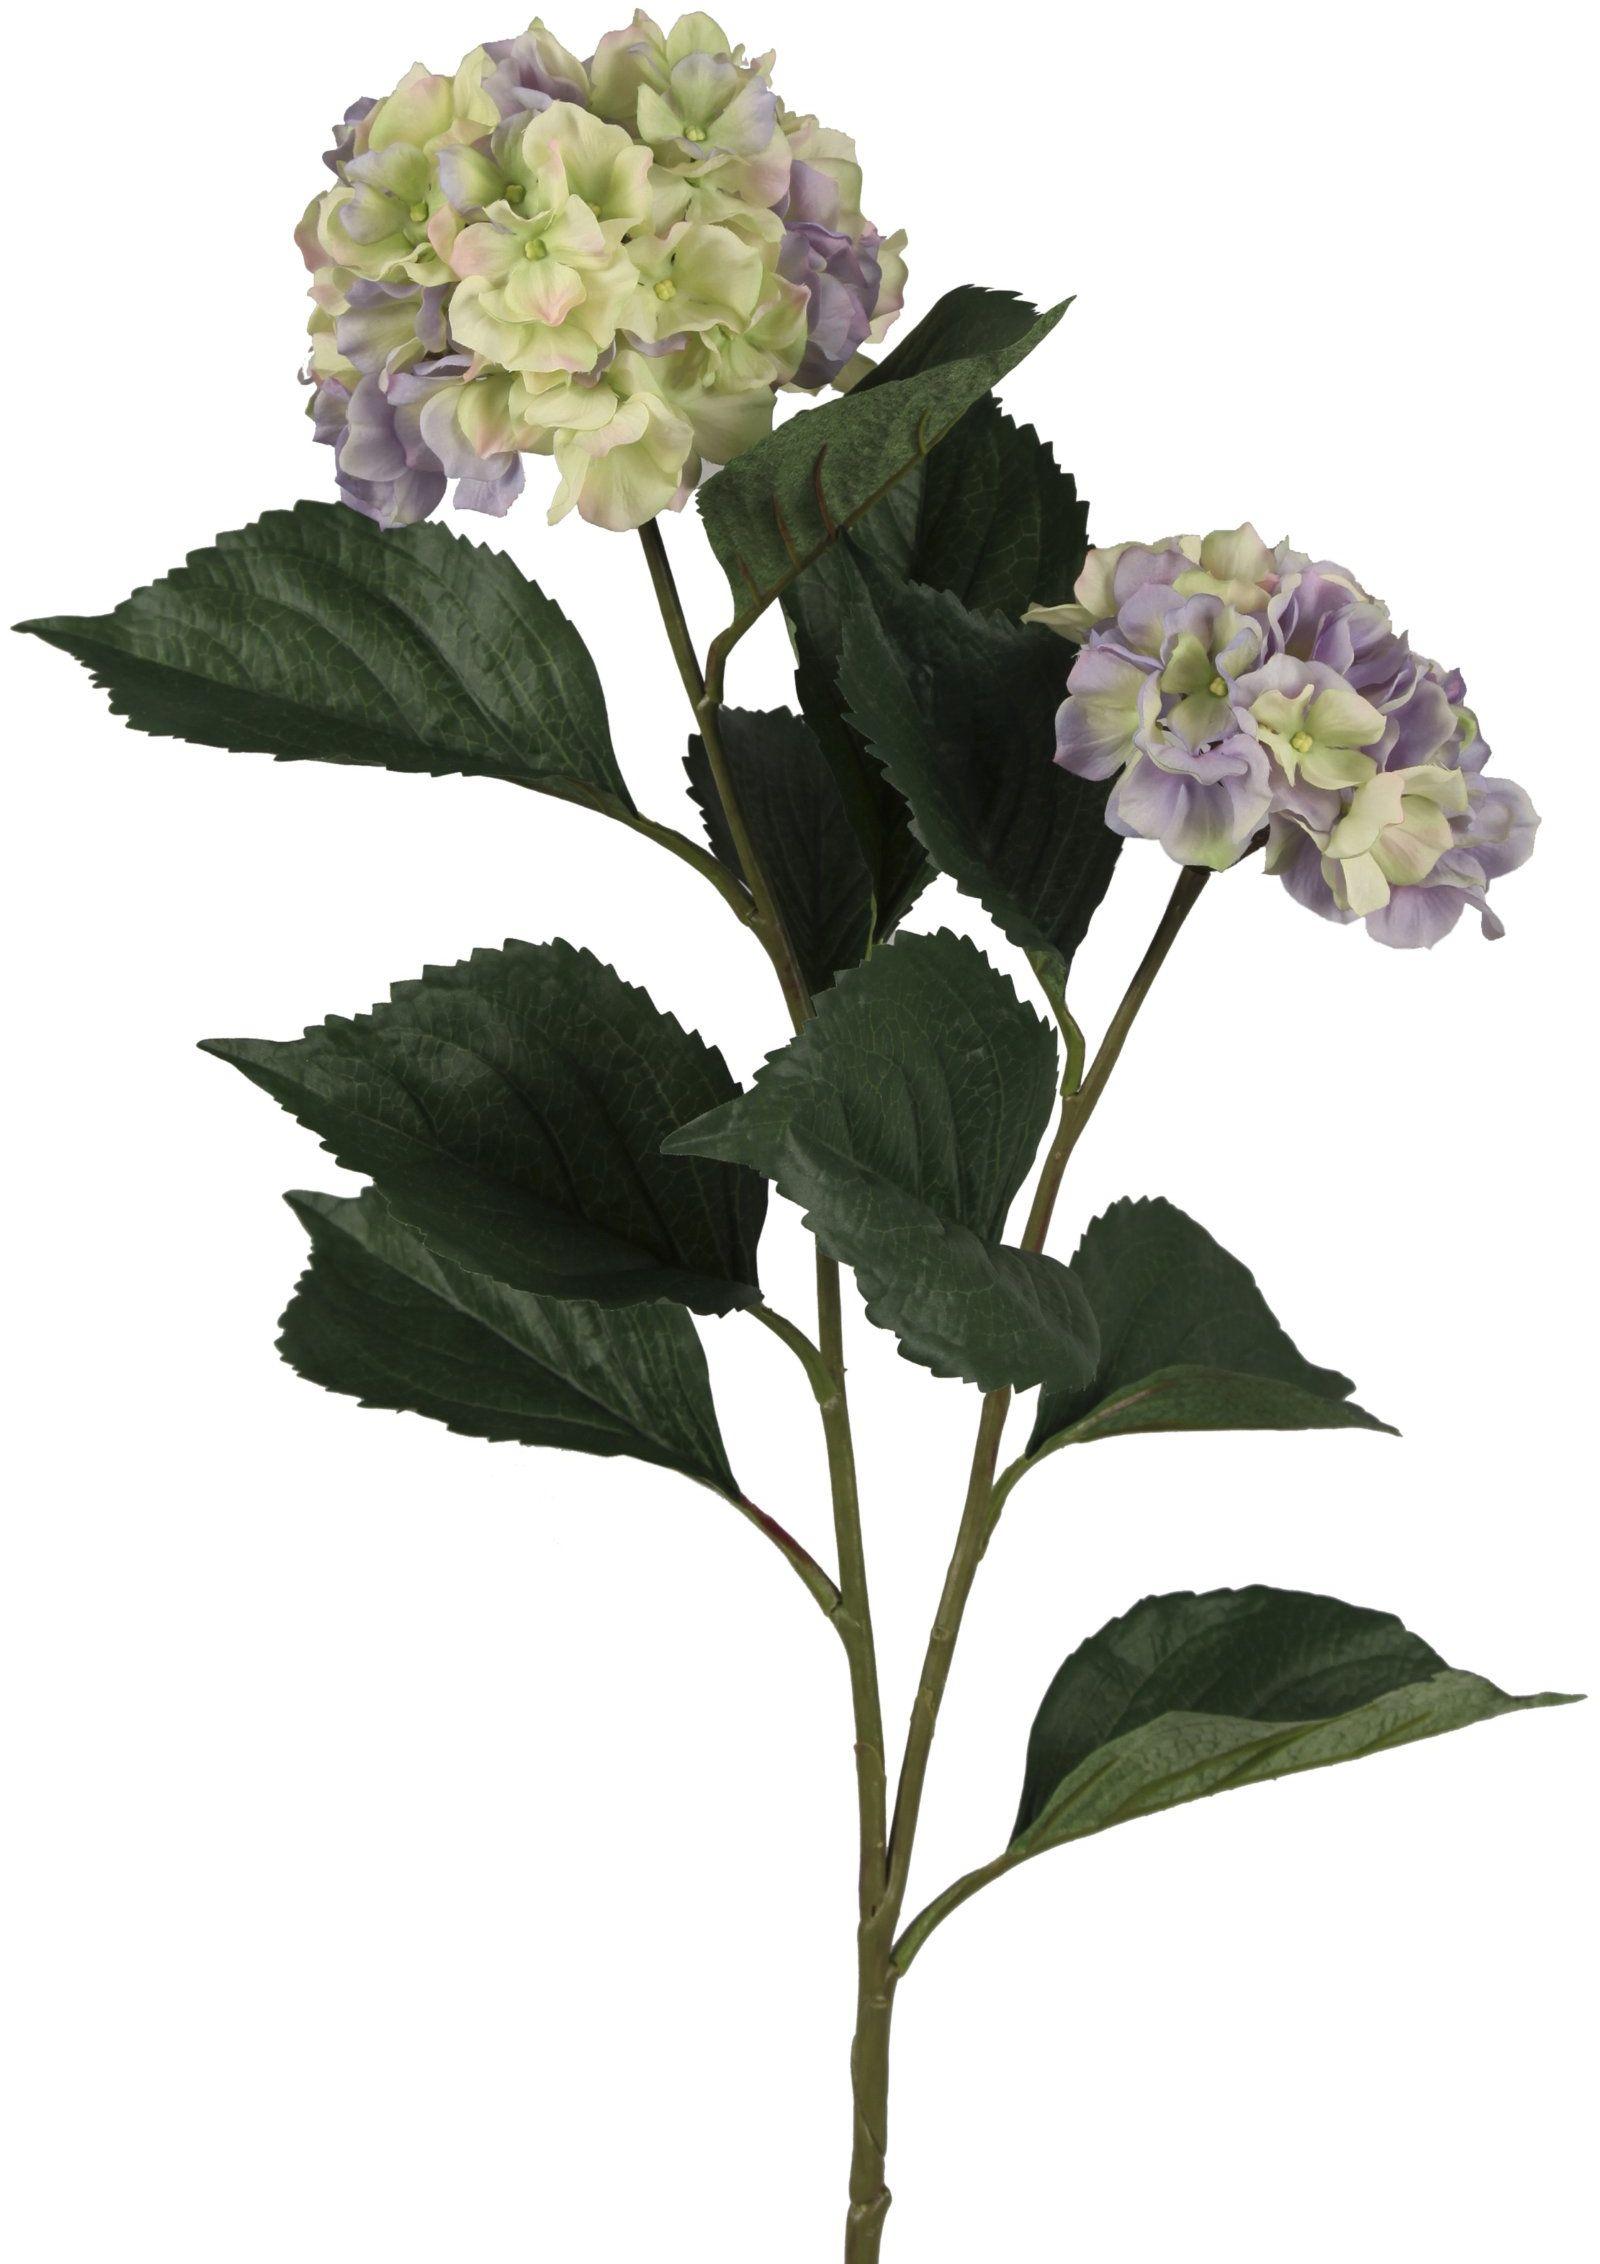 Bellafiora 01AMAZ044123 sztuczne kwiaty, hortensja, 2 kwiaty, 1 m, niebieski/zielony